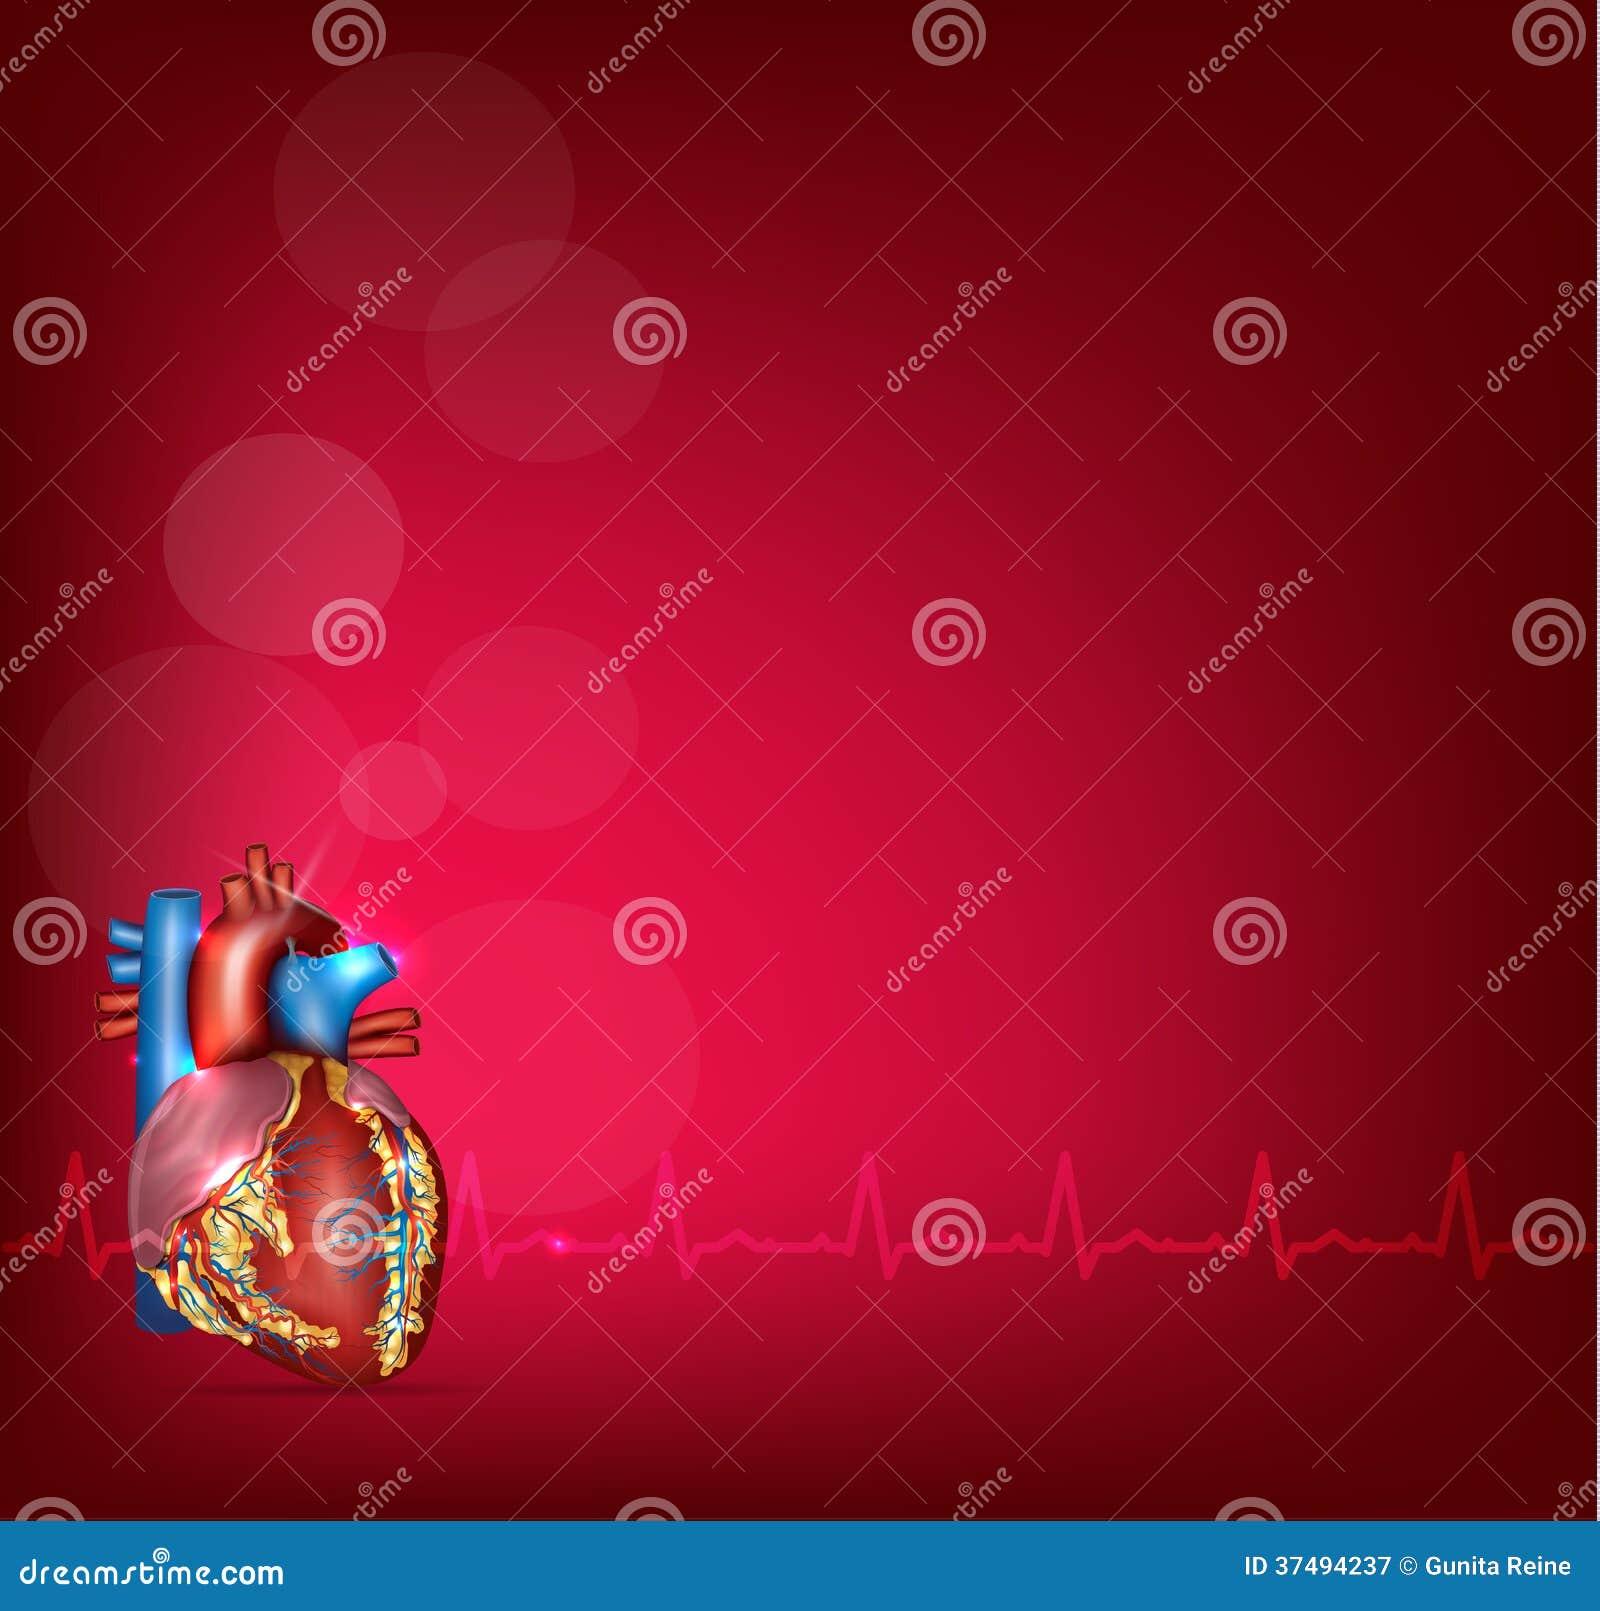 Anatomía Humana Del Corazón En Un Fondo Rojo Brillante Ilustración ...